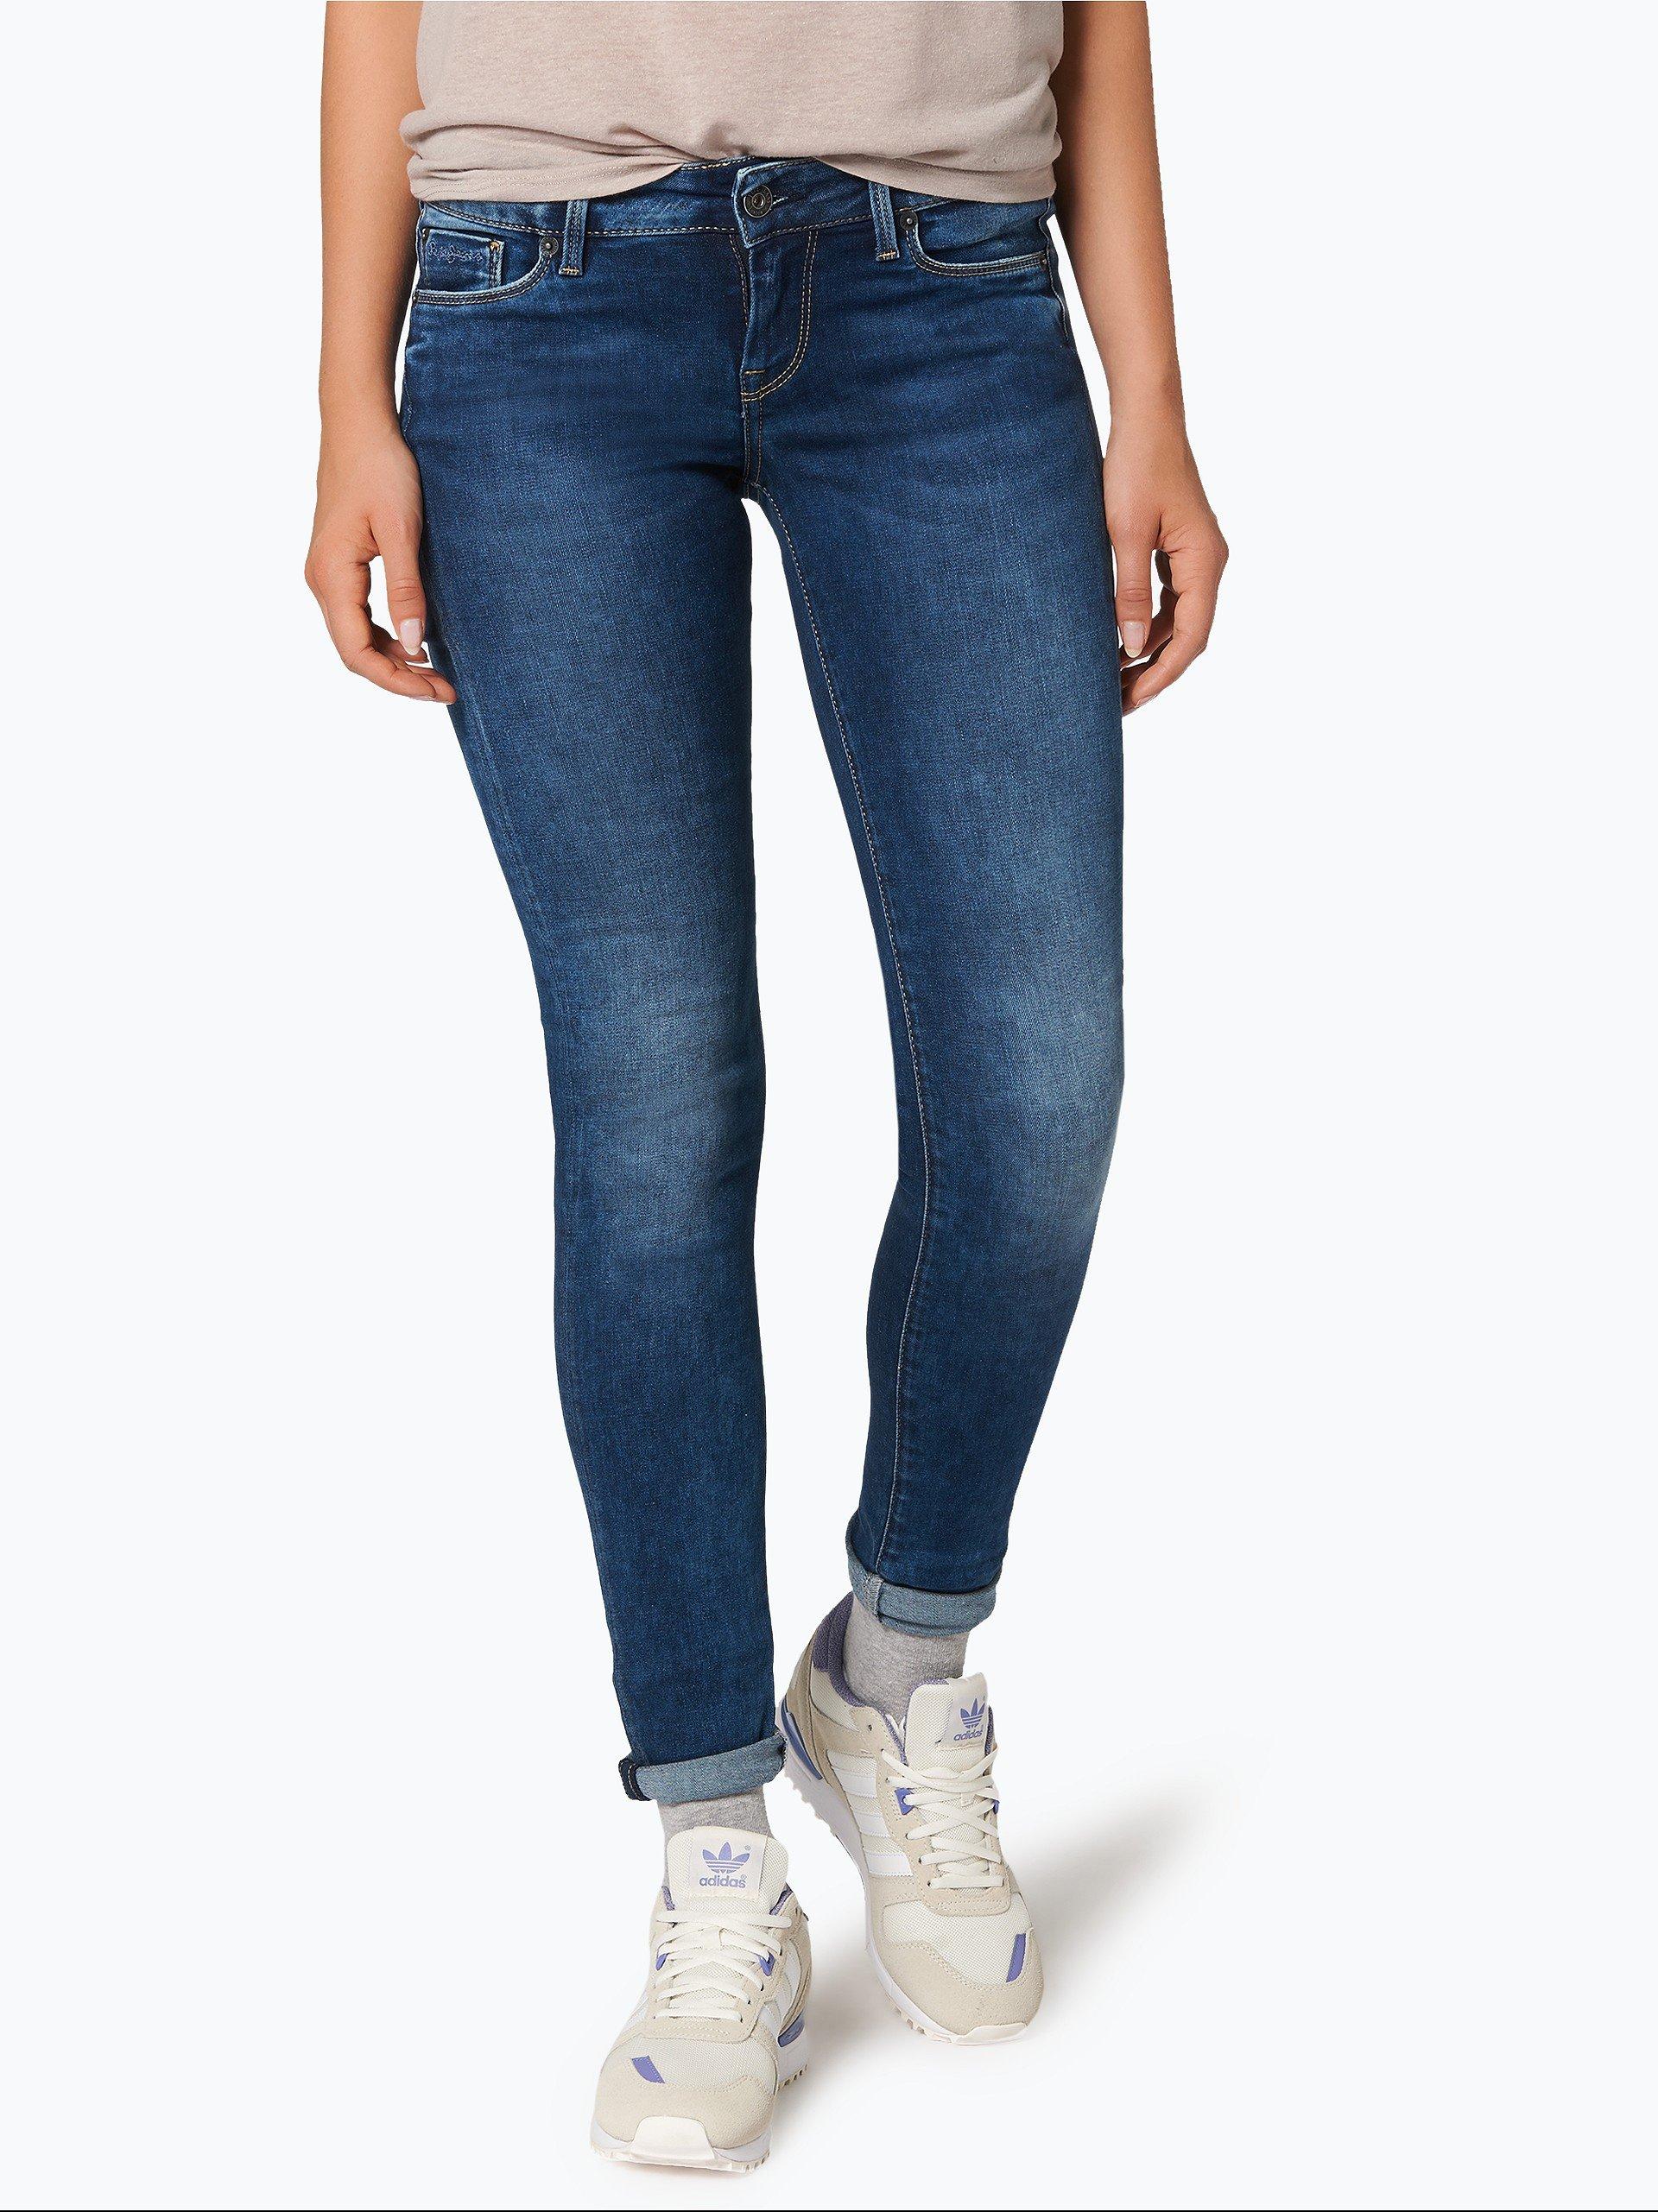 pepe jeans jeansy damskie soho kup online vangraaf com. Black Bedroom Furniture Sets. Home Design Ideas